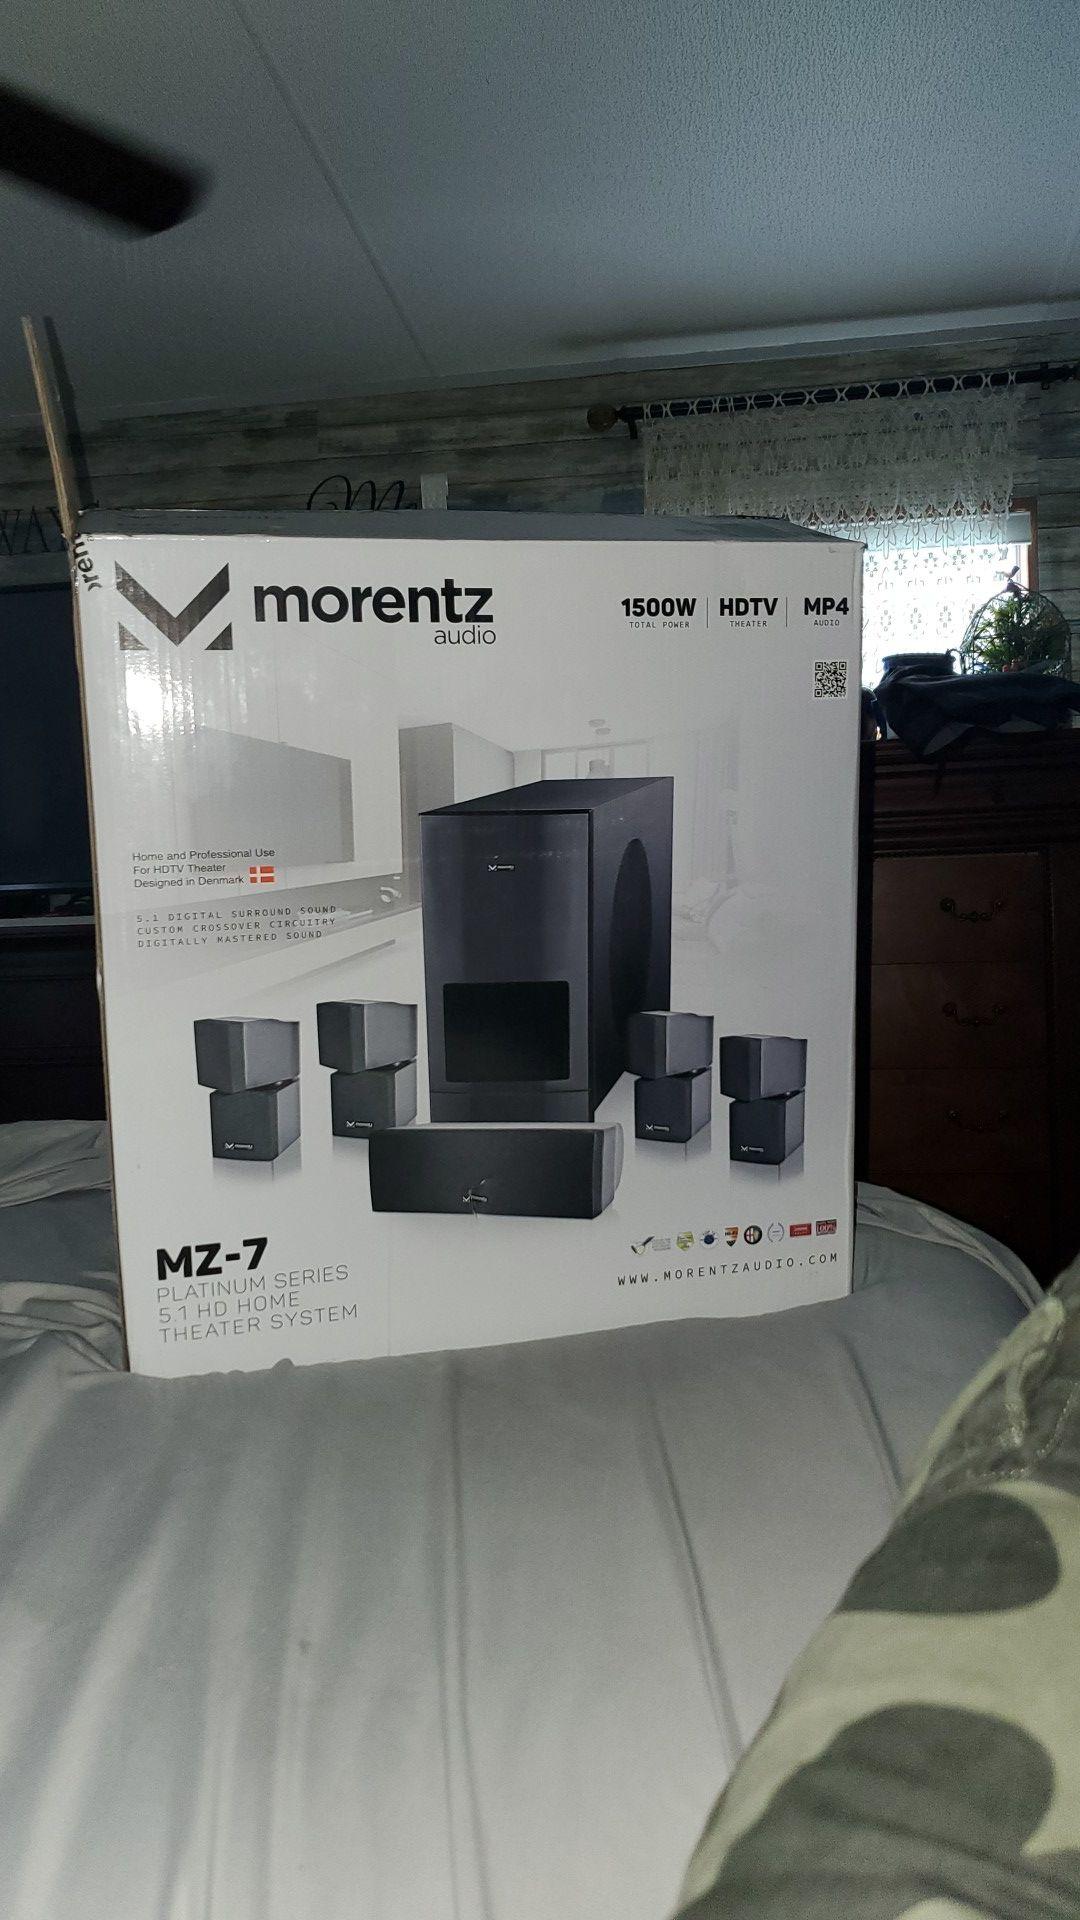 Morentz audio platinum series home theater system